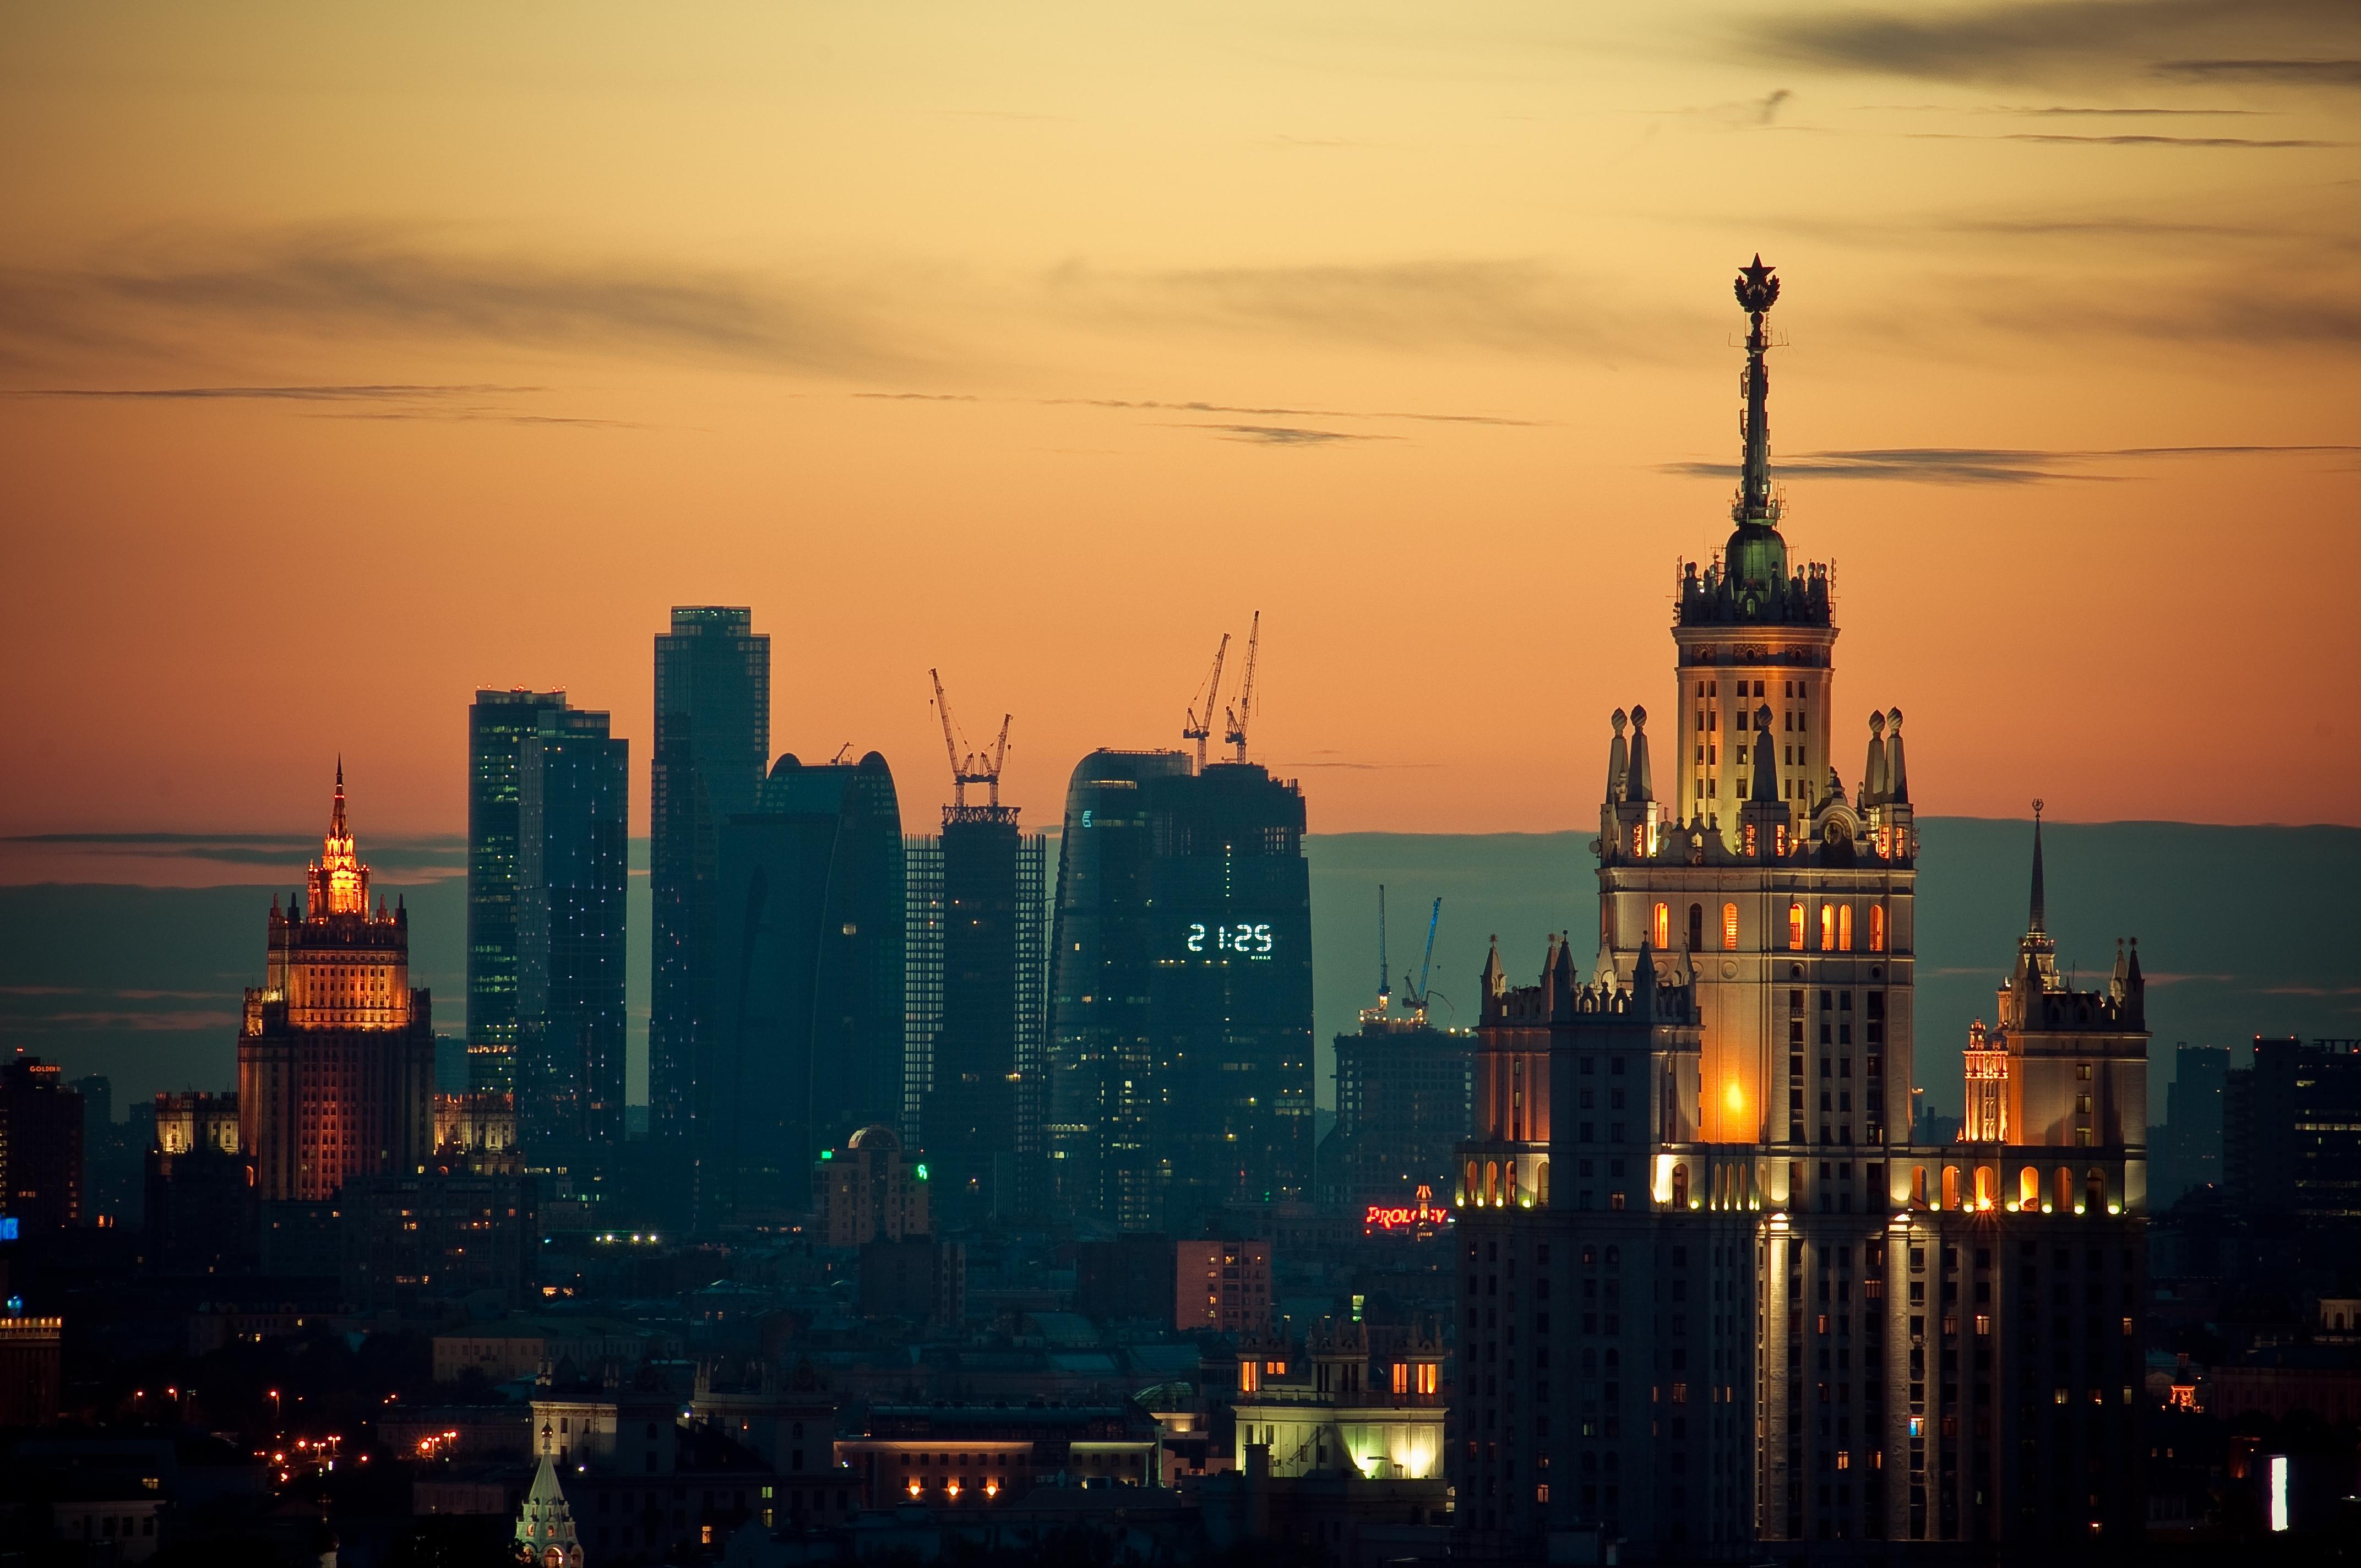 137744 Hintergrundbild 1024x600 kostenlos auf deinem Handy, lade Bilder Städte, Sunset, Moskau, Die Lichter, Lichter 1024x600 auf dein Handy herunter